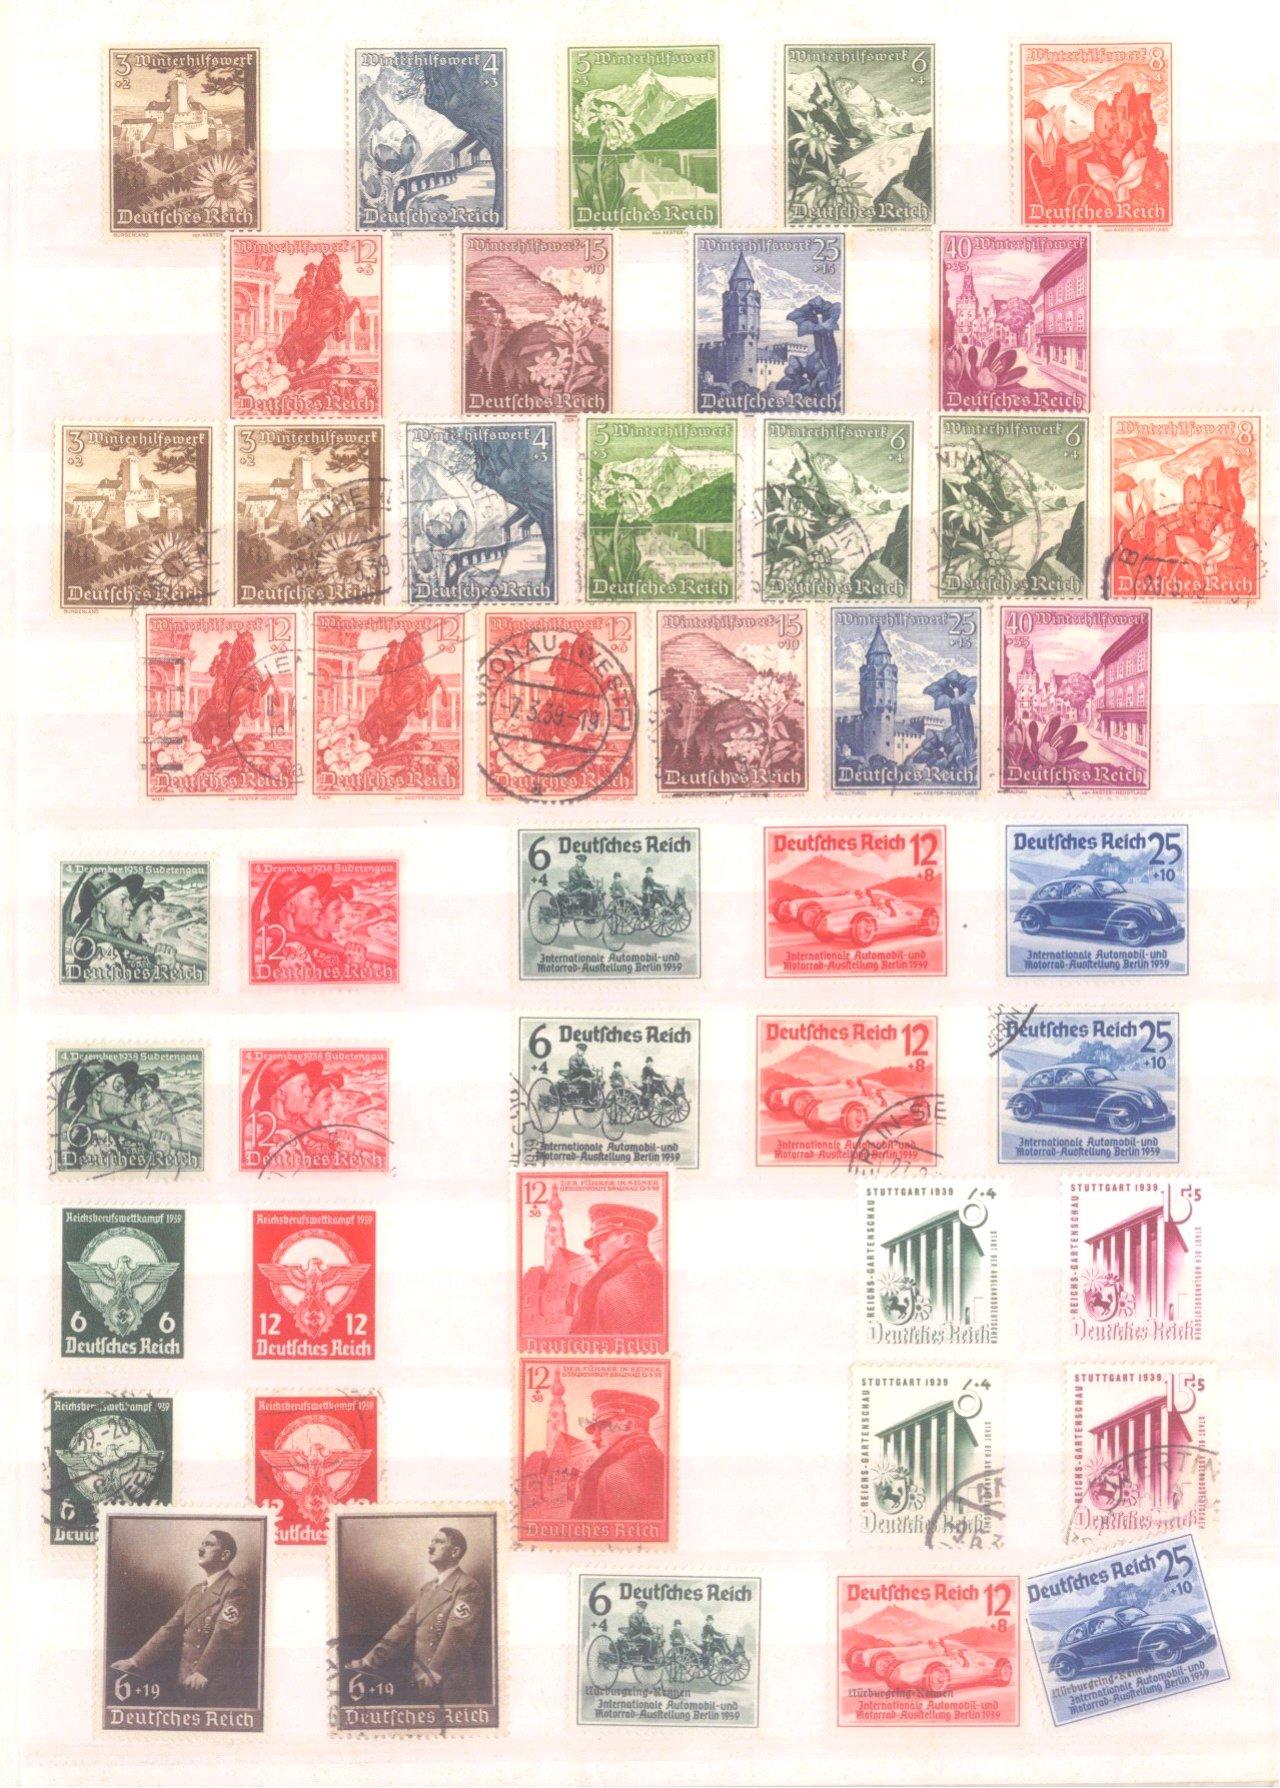 Sammlung Deutsches Reich in 2 Alben, 1933-1945-14